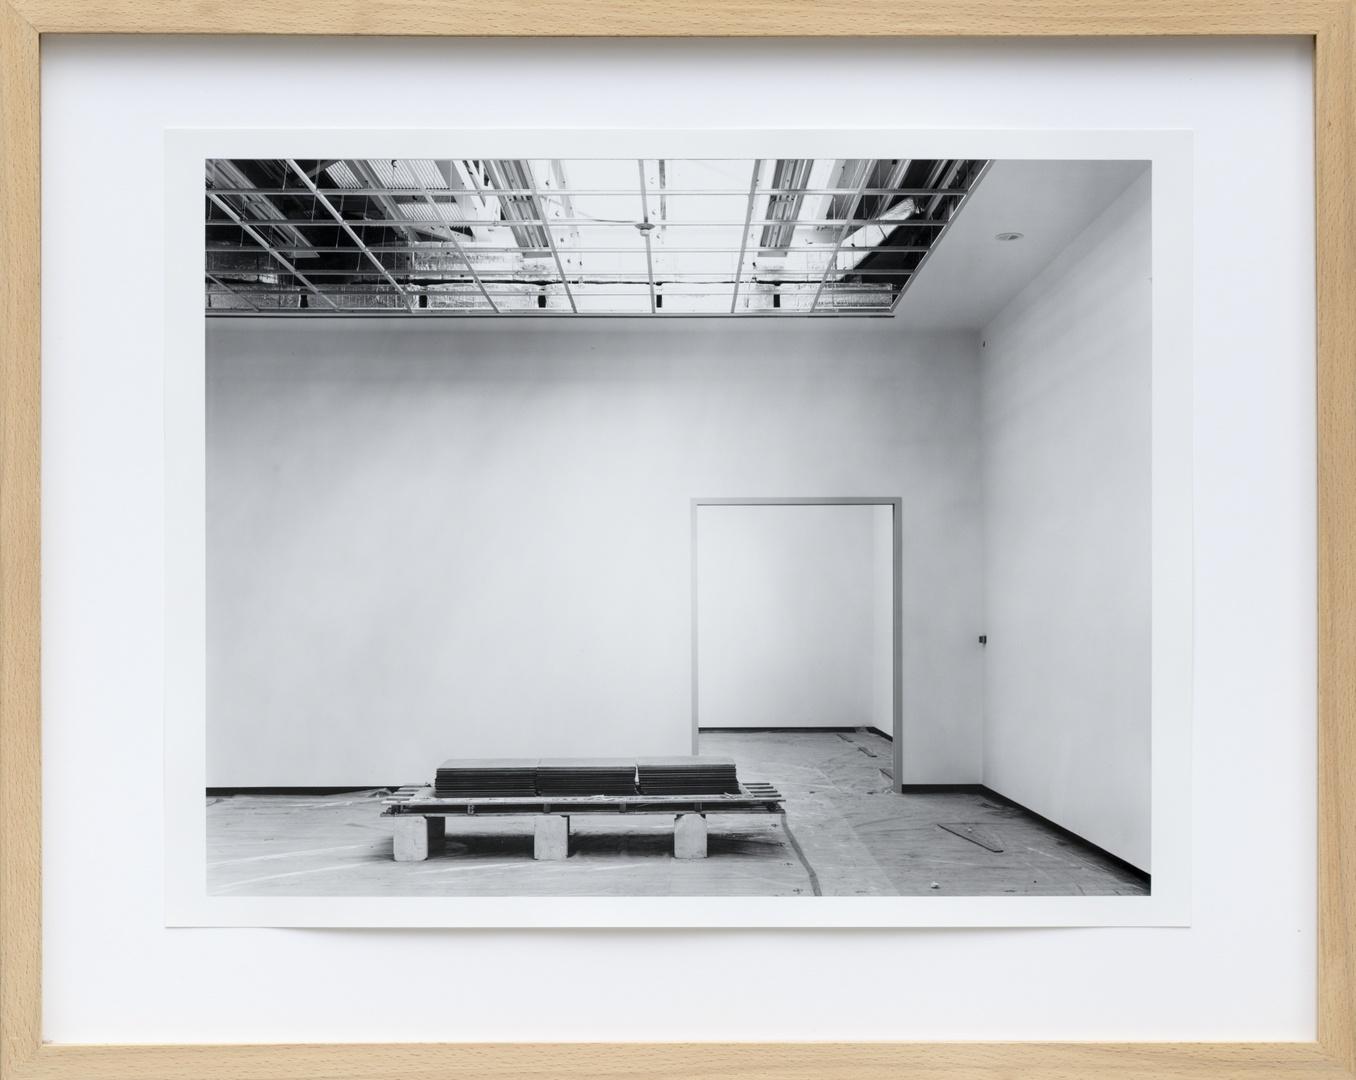 Bouw Bonnefantenmuseum 1992-1994 ; Inrichting kleine zaal derde verdieping